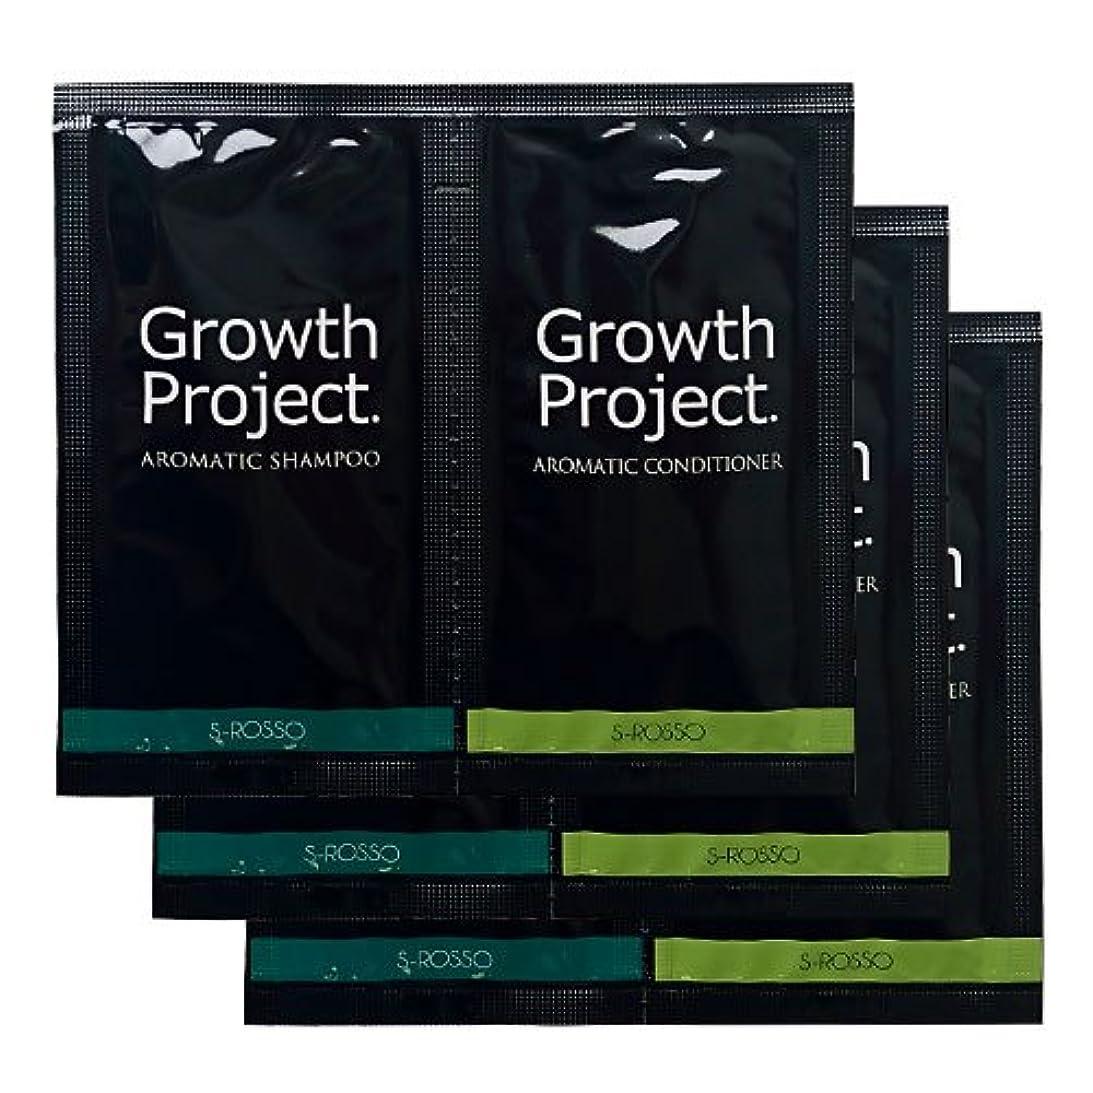 と遊ぶシビック消毒剤Growth Project.アロマシャンプー&コンディショナートライアルセット3回分